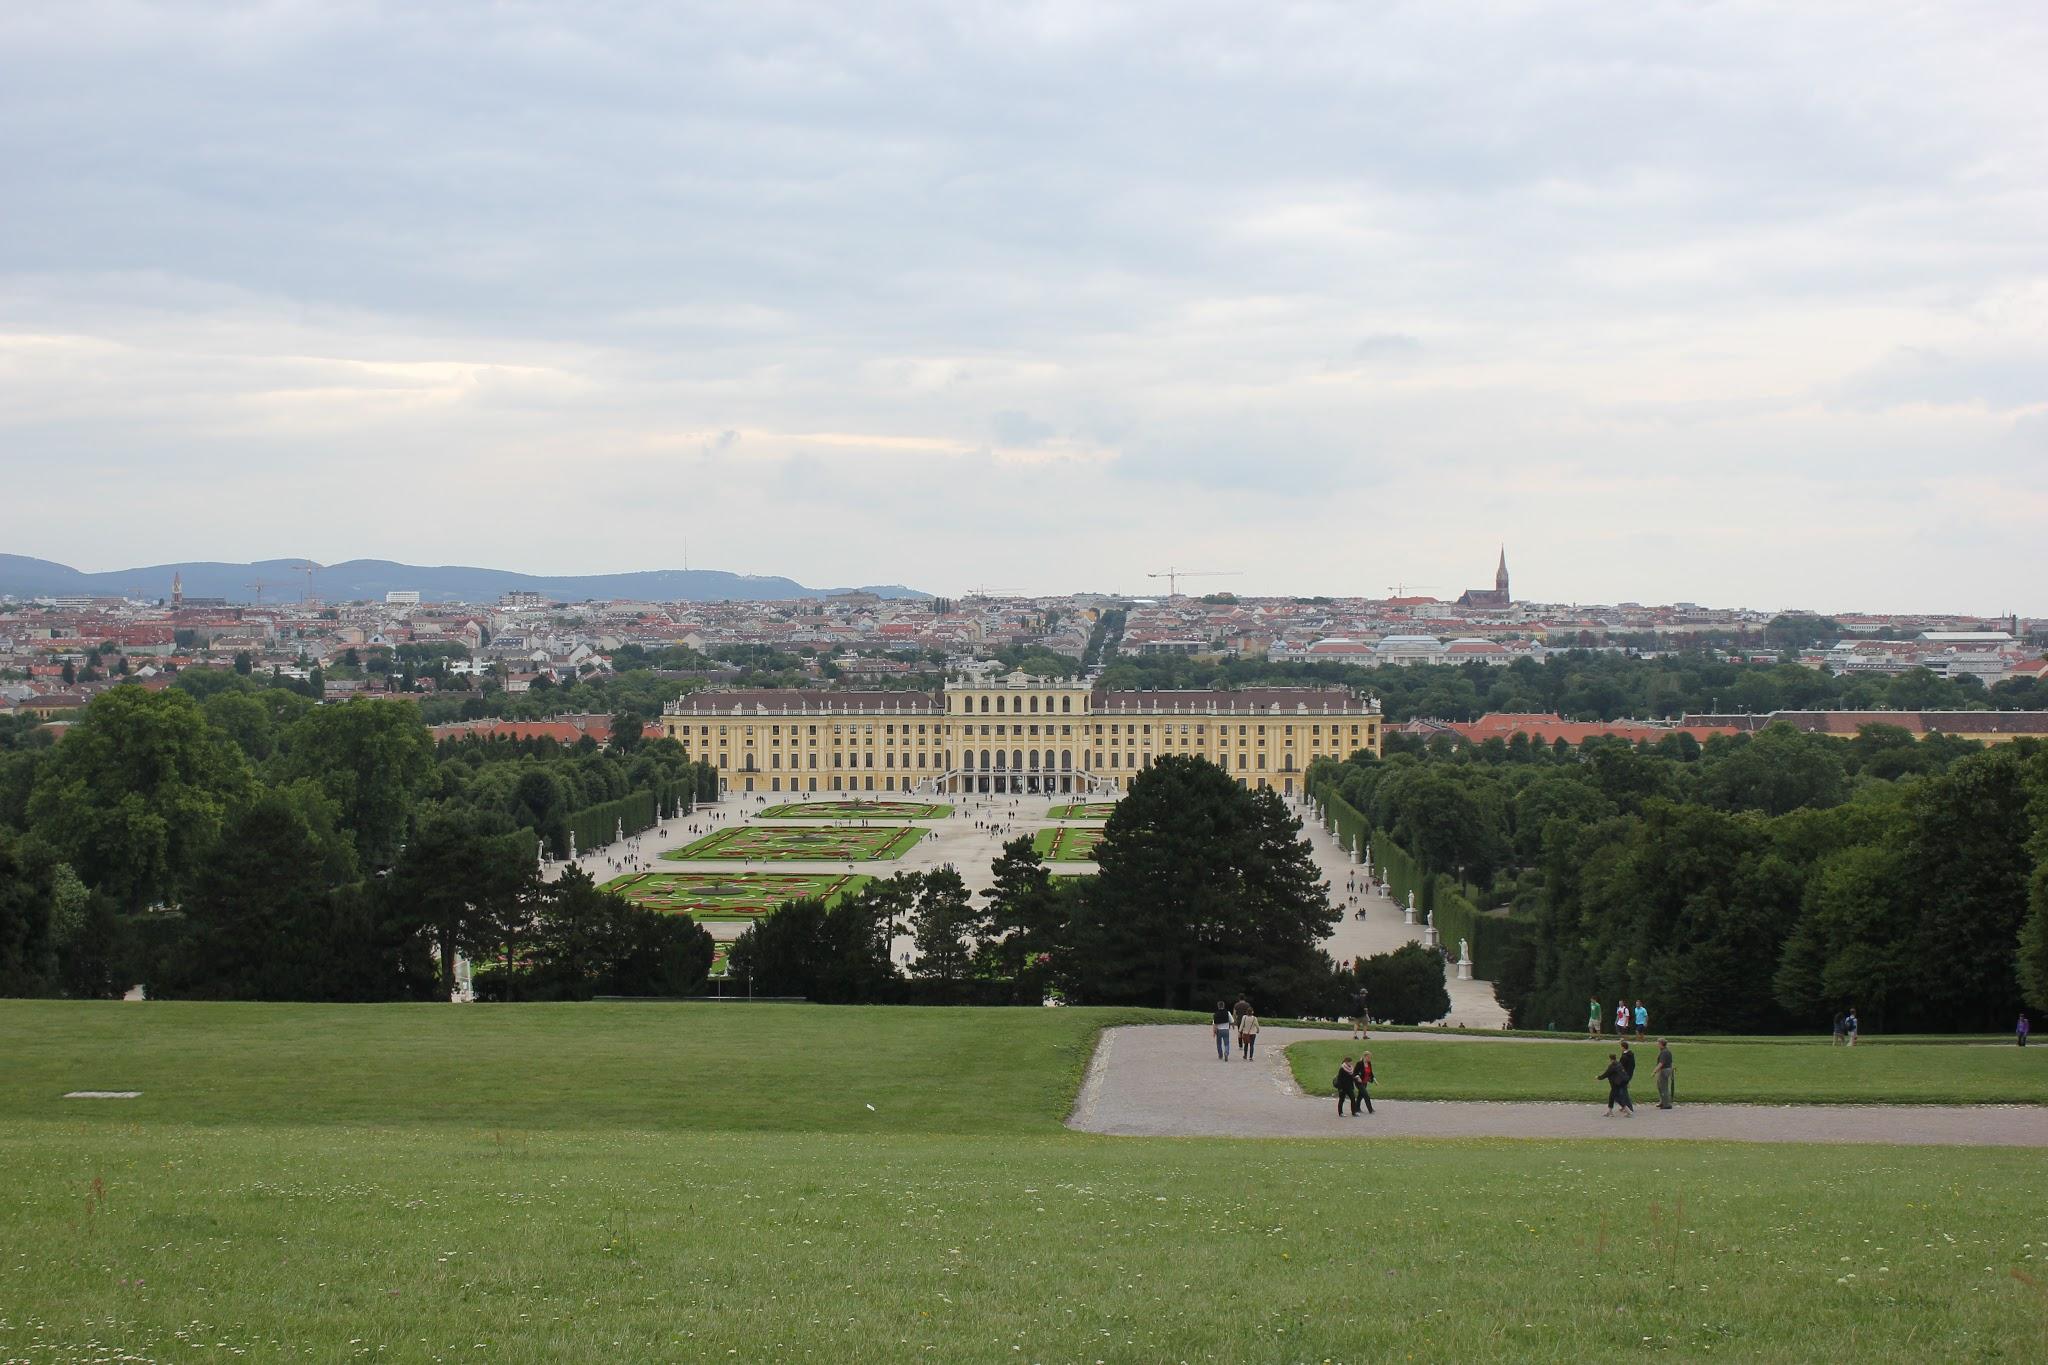 zámek Schönbrunn ve Vídni pohled z parku